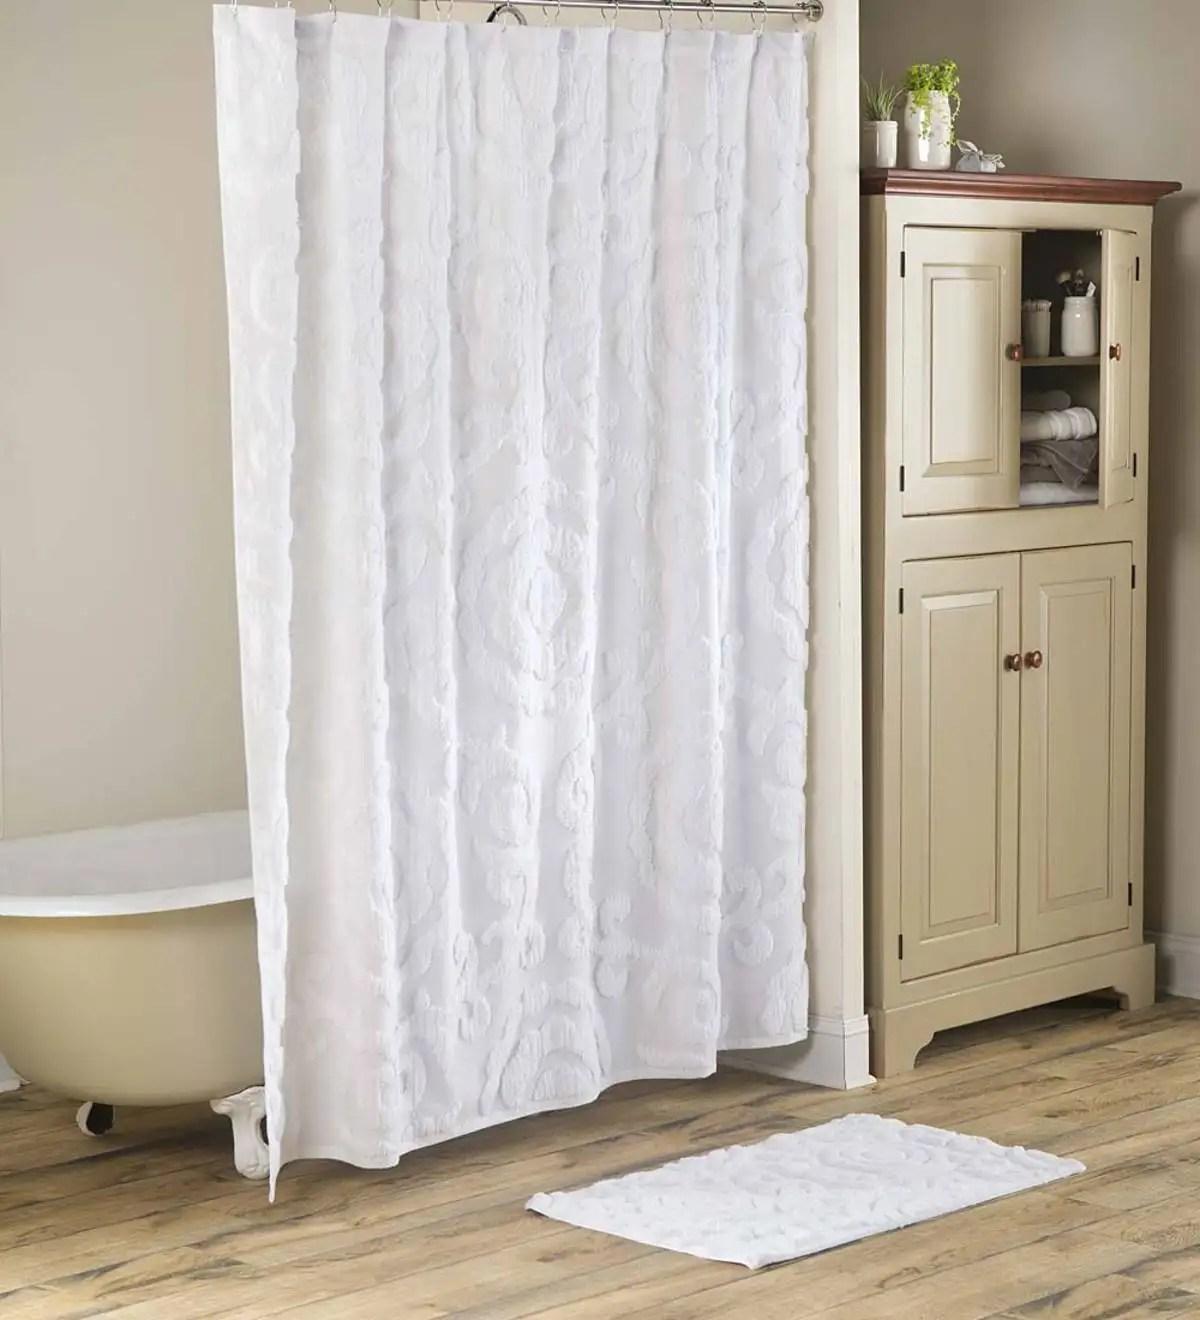 plush chenille bath set shower curtain and bath mat